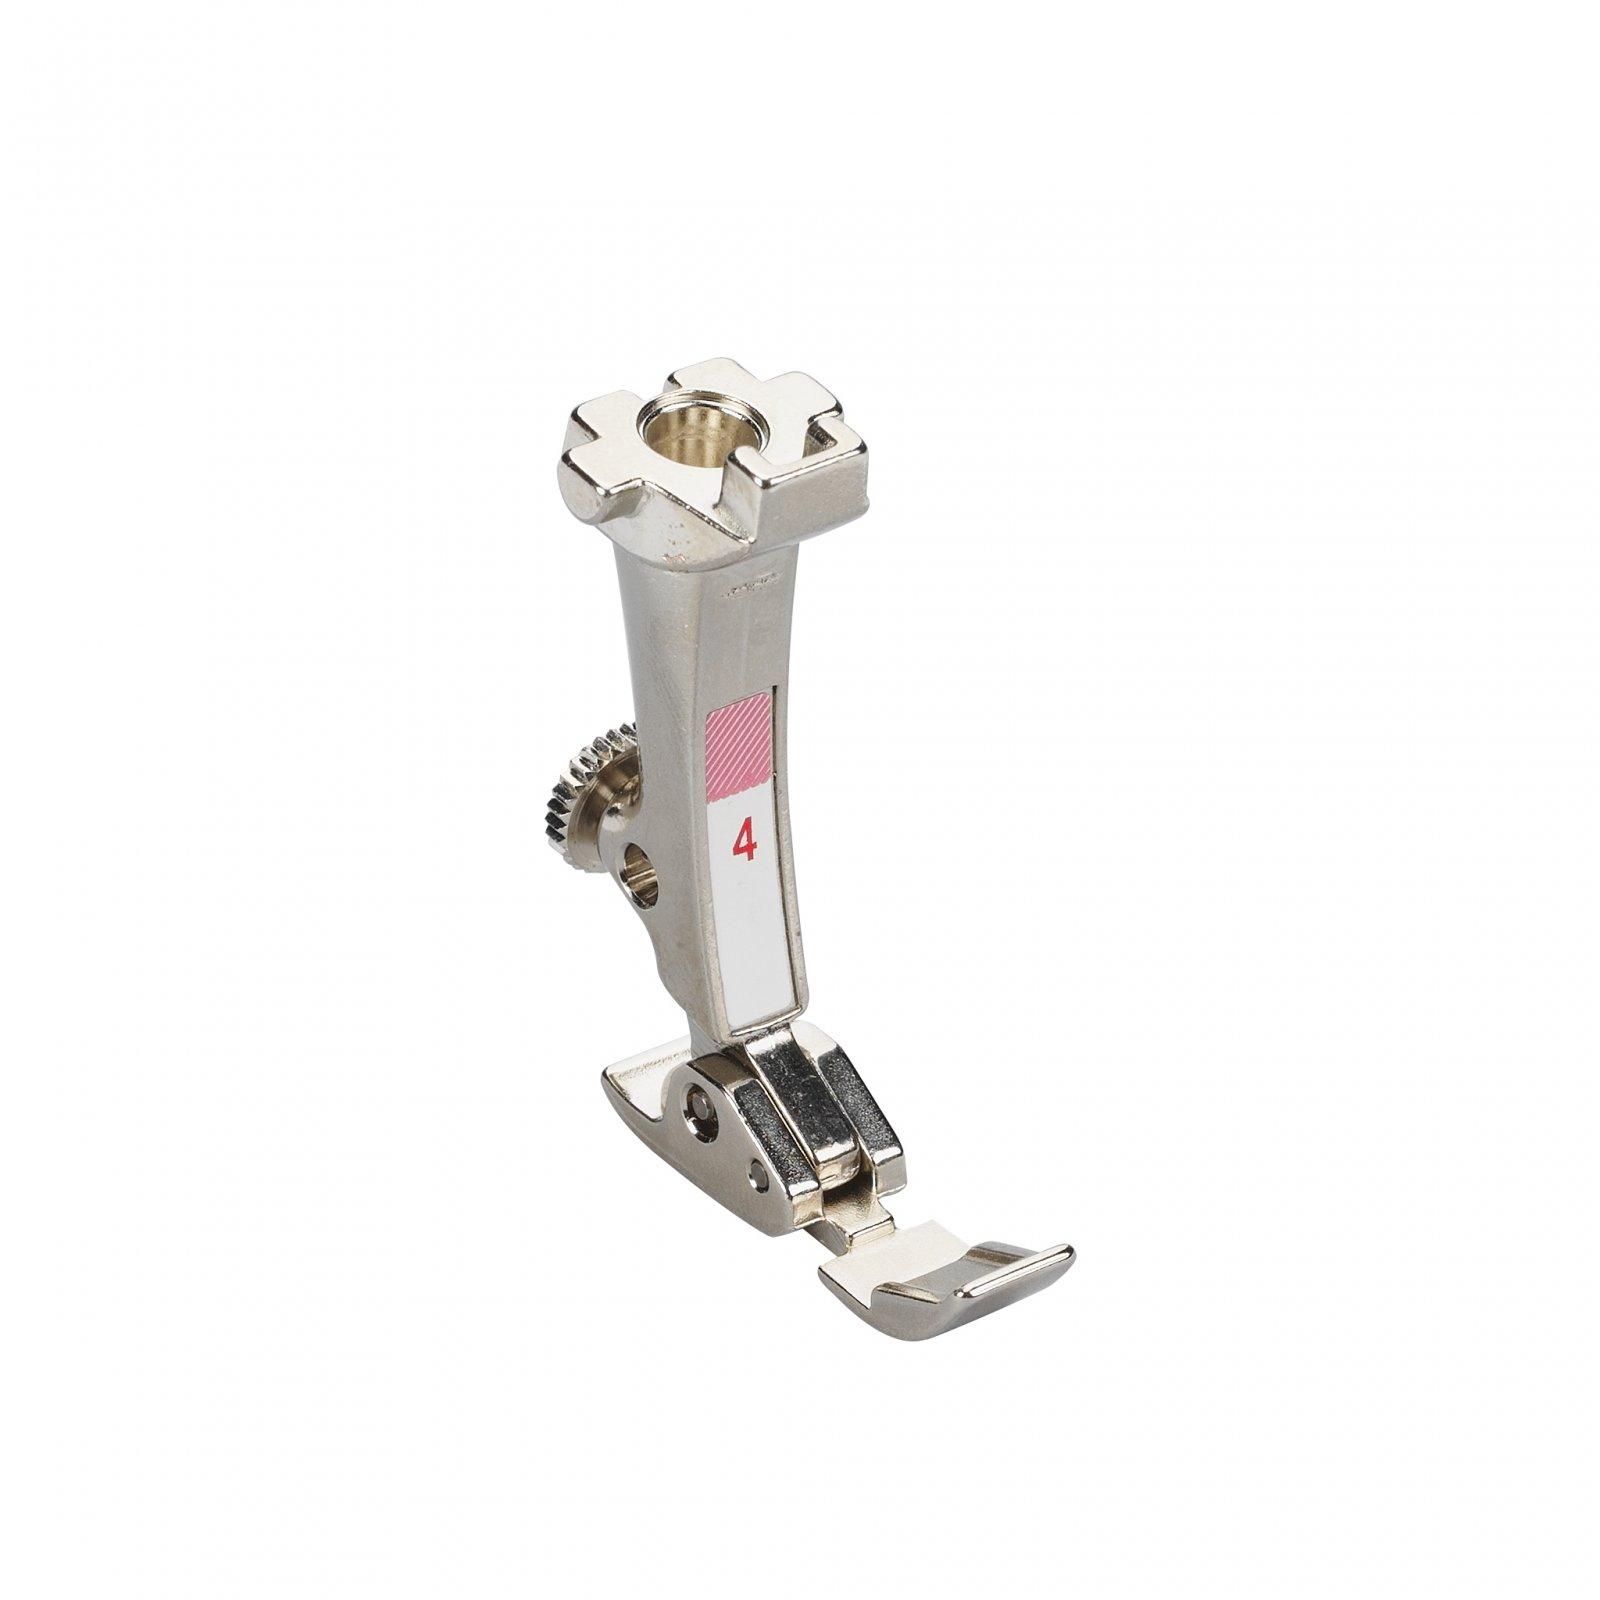 #4 Zipper Foot BERNINA